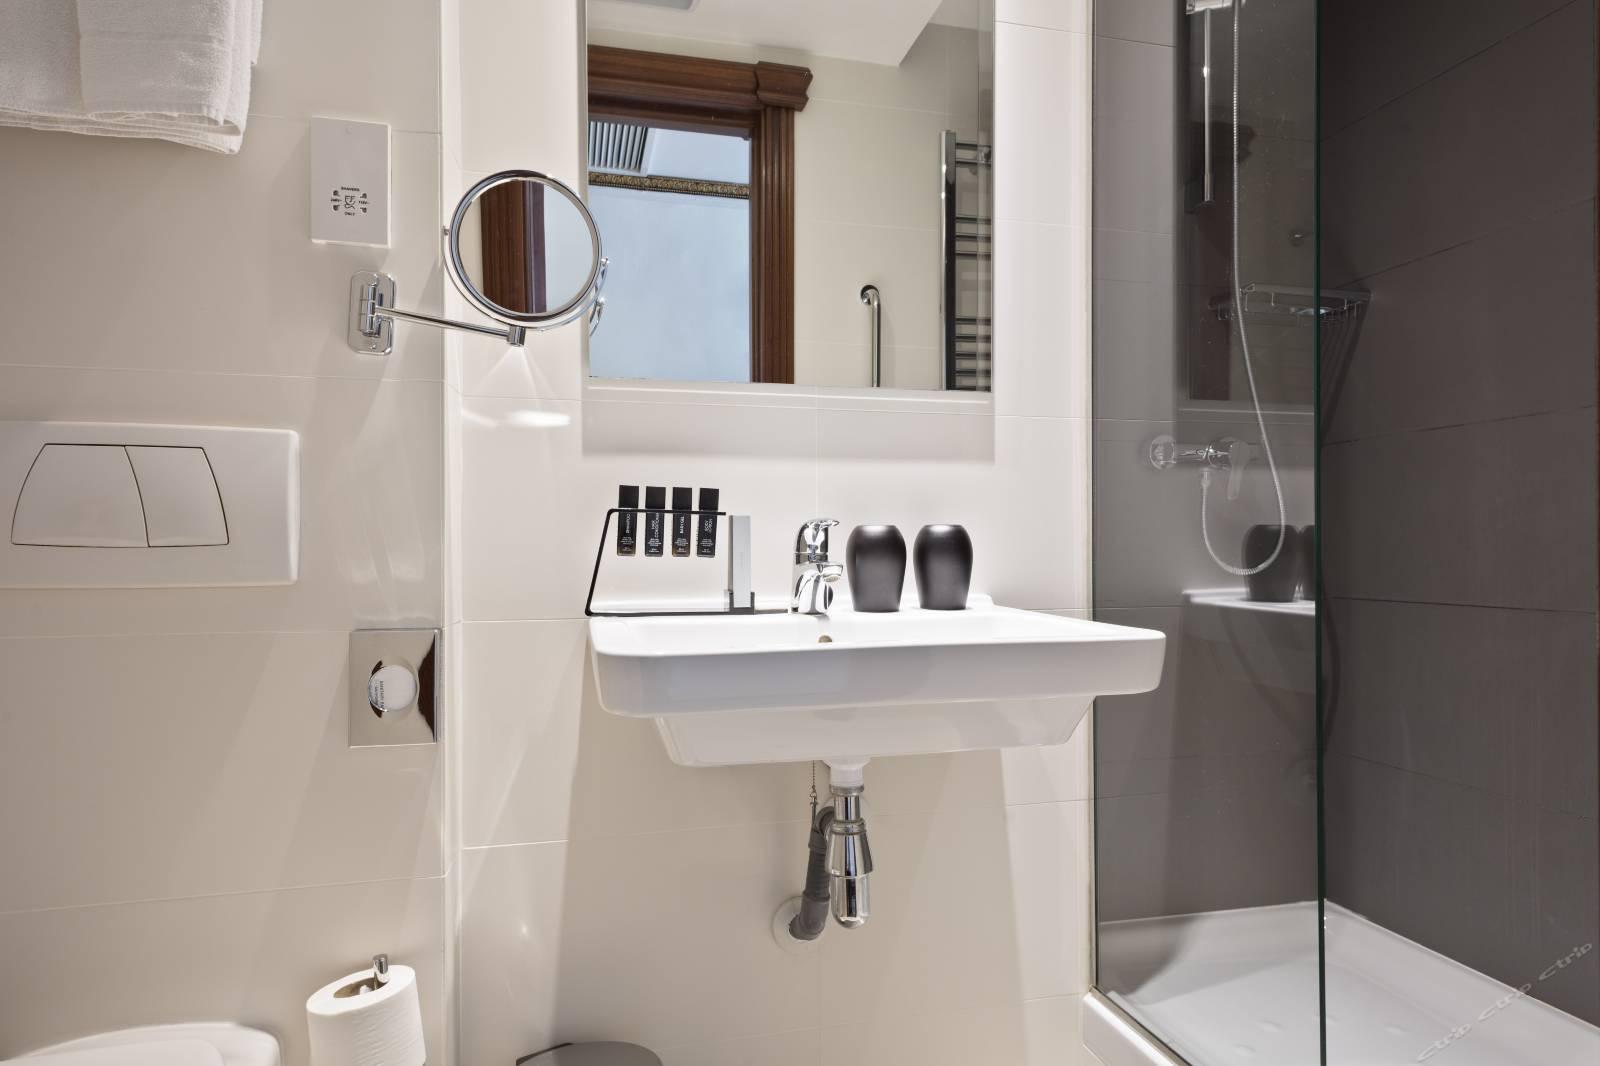 glossy white KEDIBO Brand wall hung wash basin